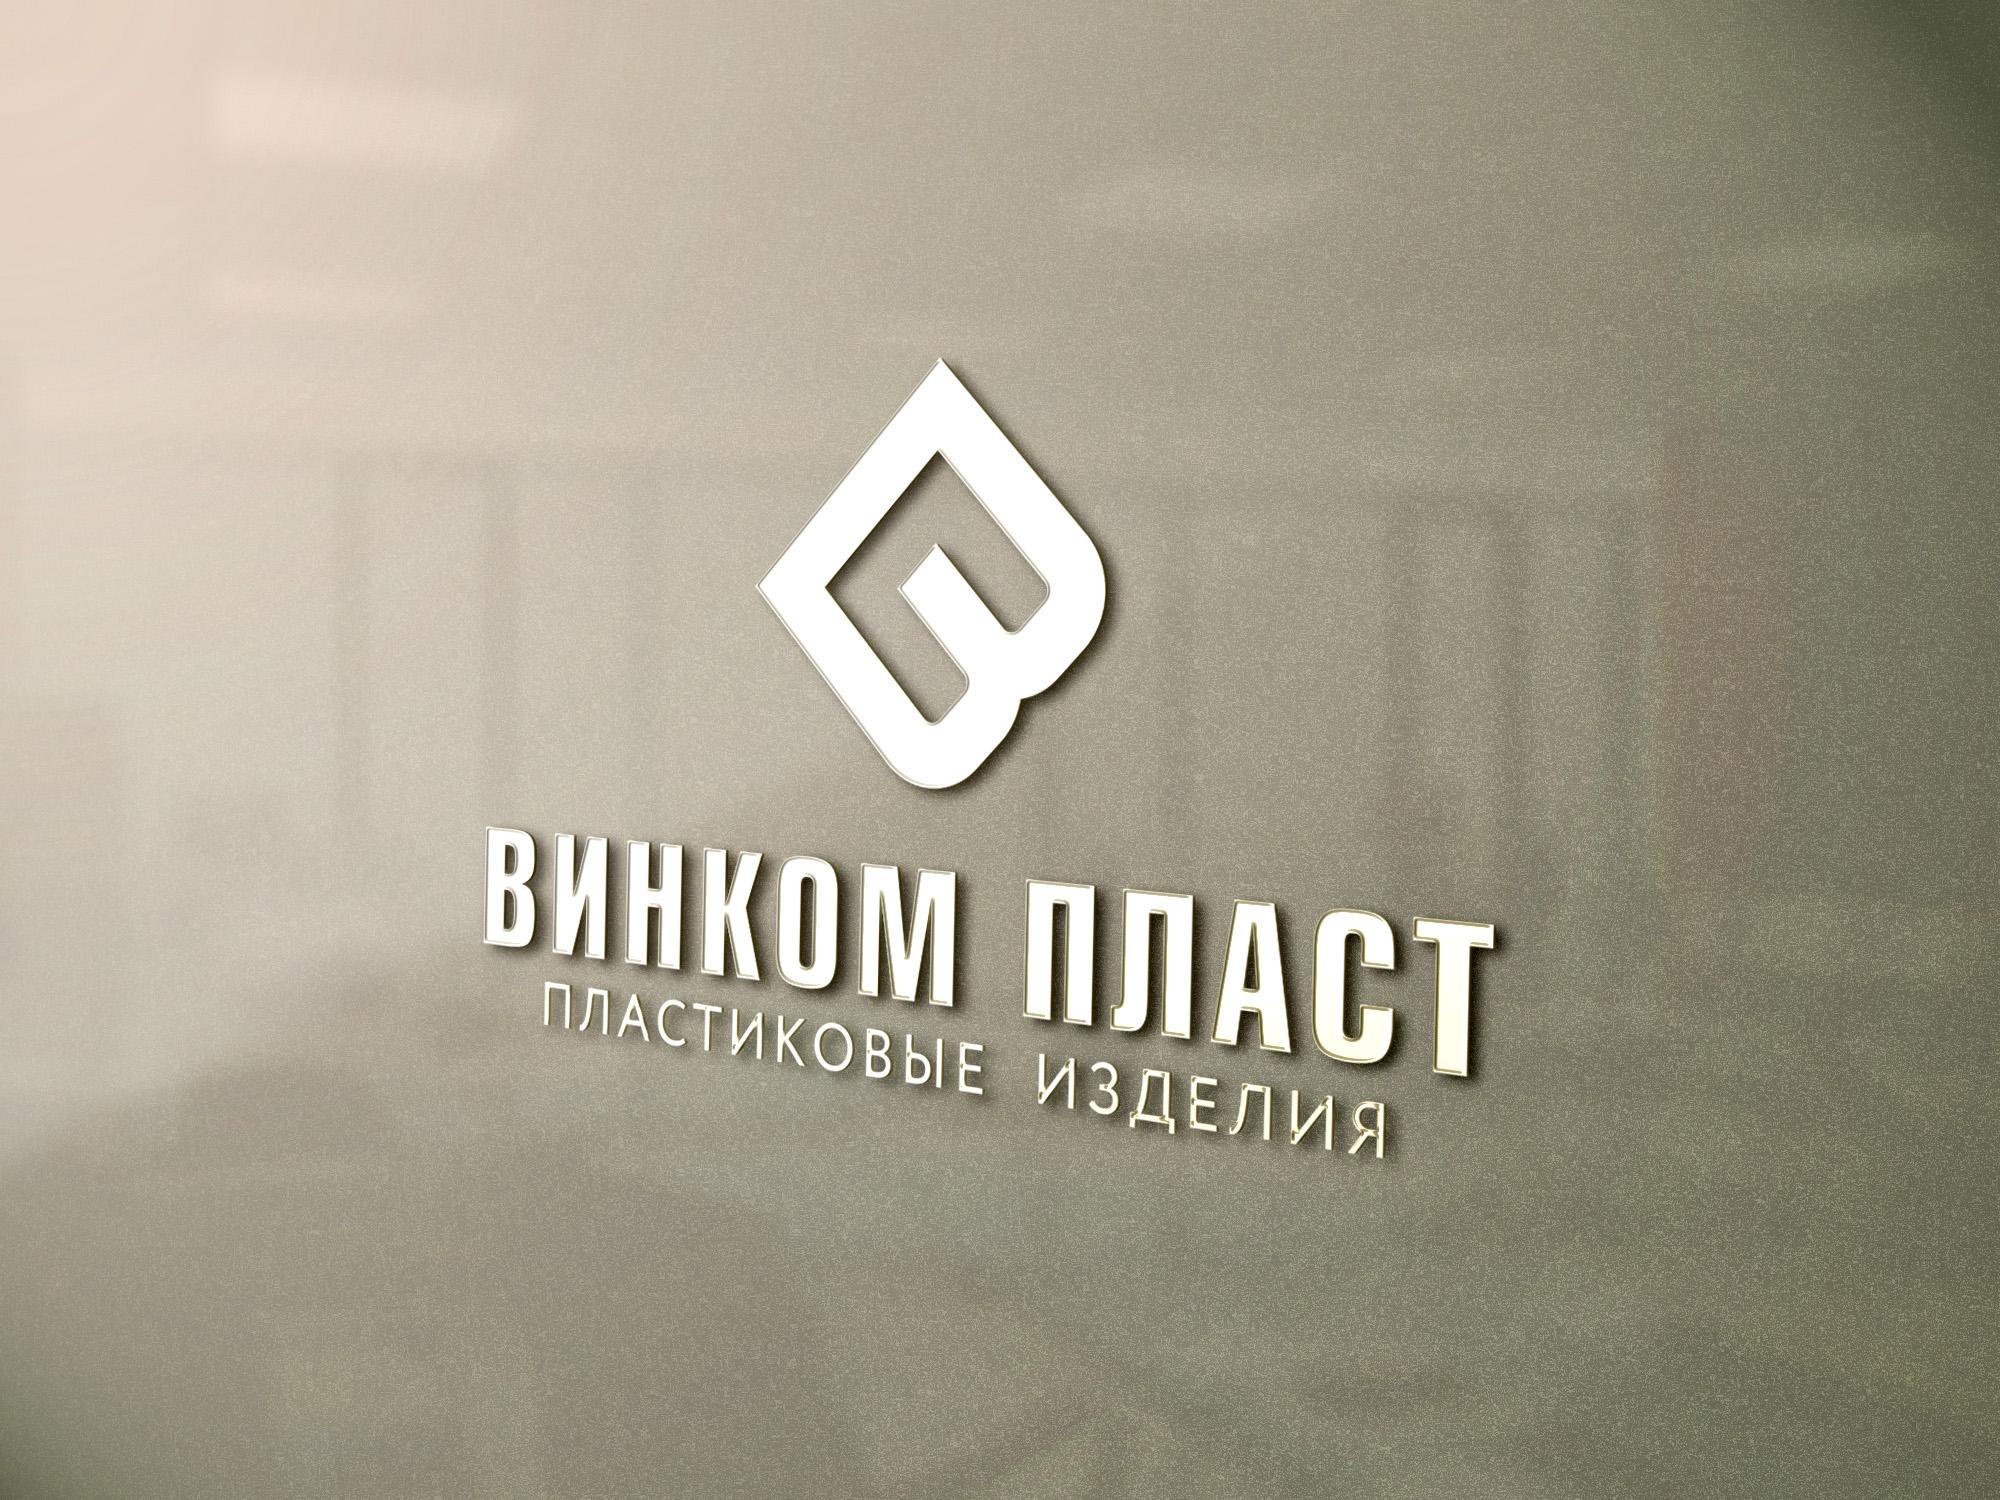 Логотип, фавикон и визитка для компании Винком Пласт  фото f_1365c47dfb3155b7.jpg